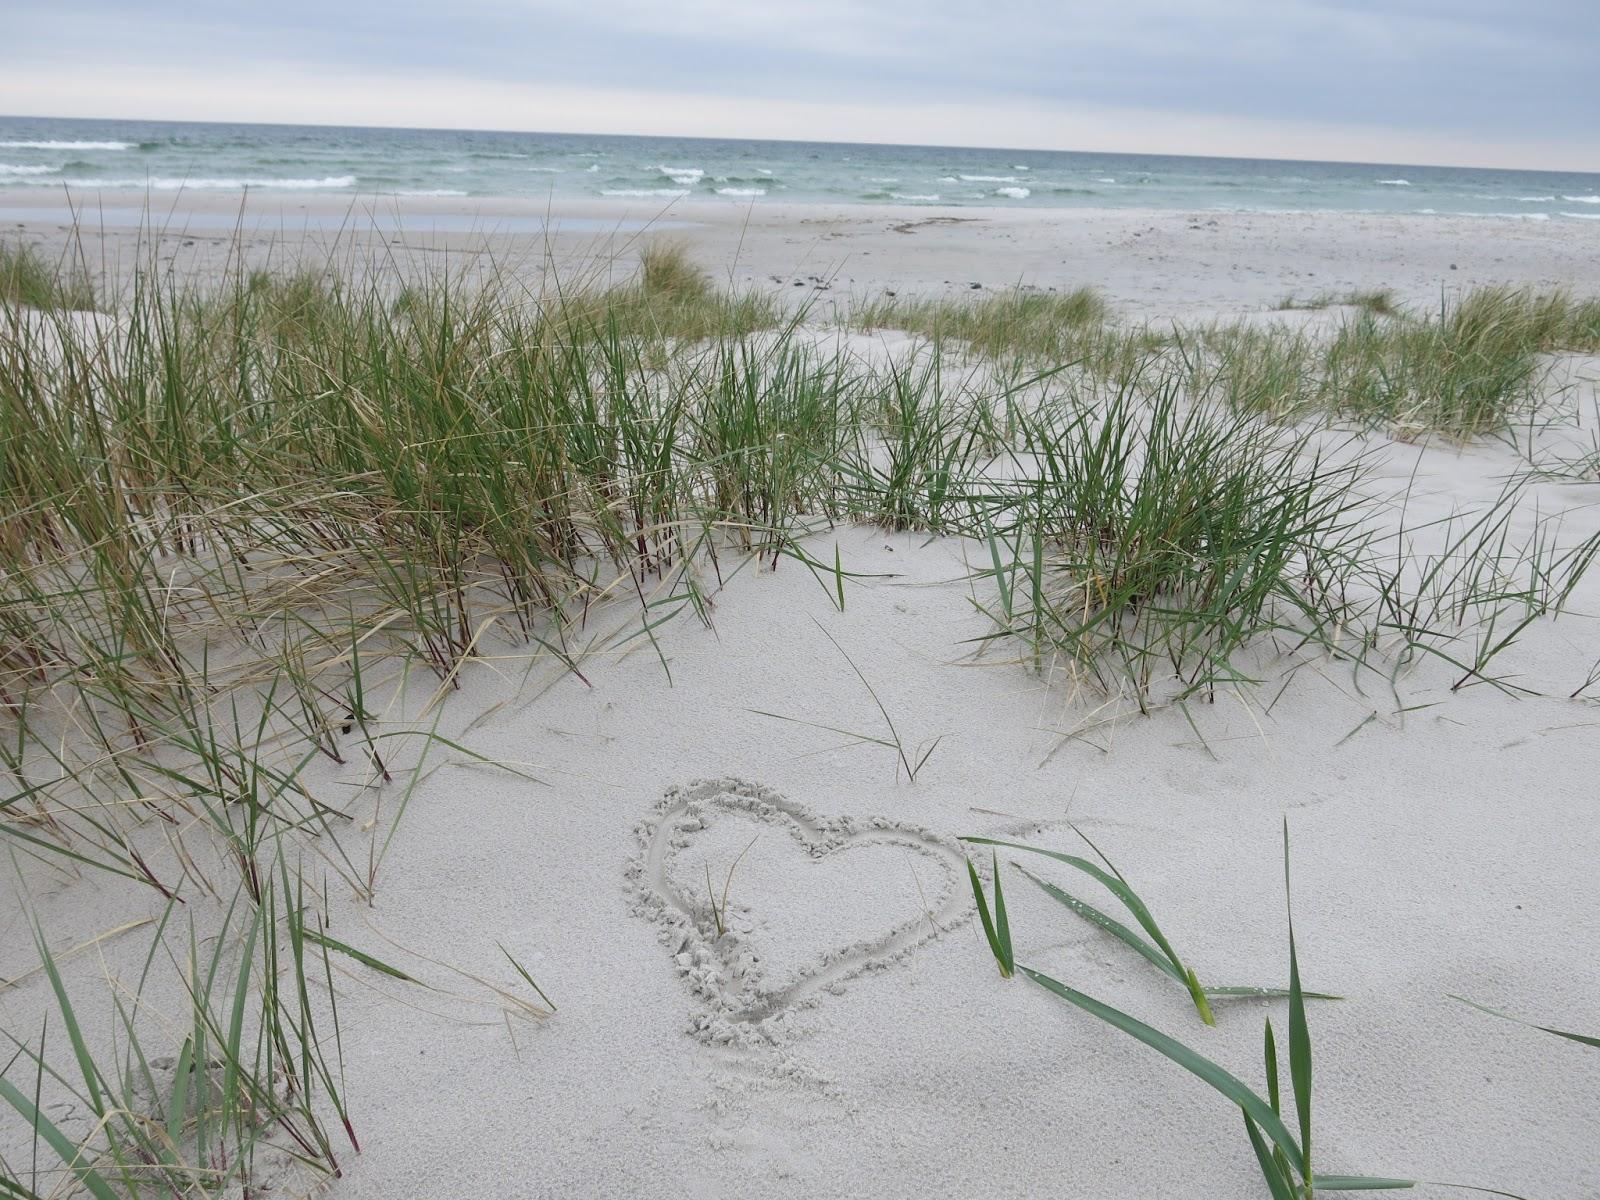 Pláže na ostrove Bornholm sú jedny z najkrajších v Európe, to vám môžeme zaručiť